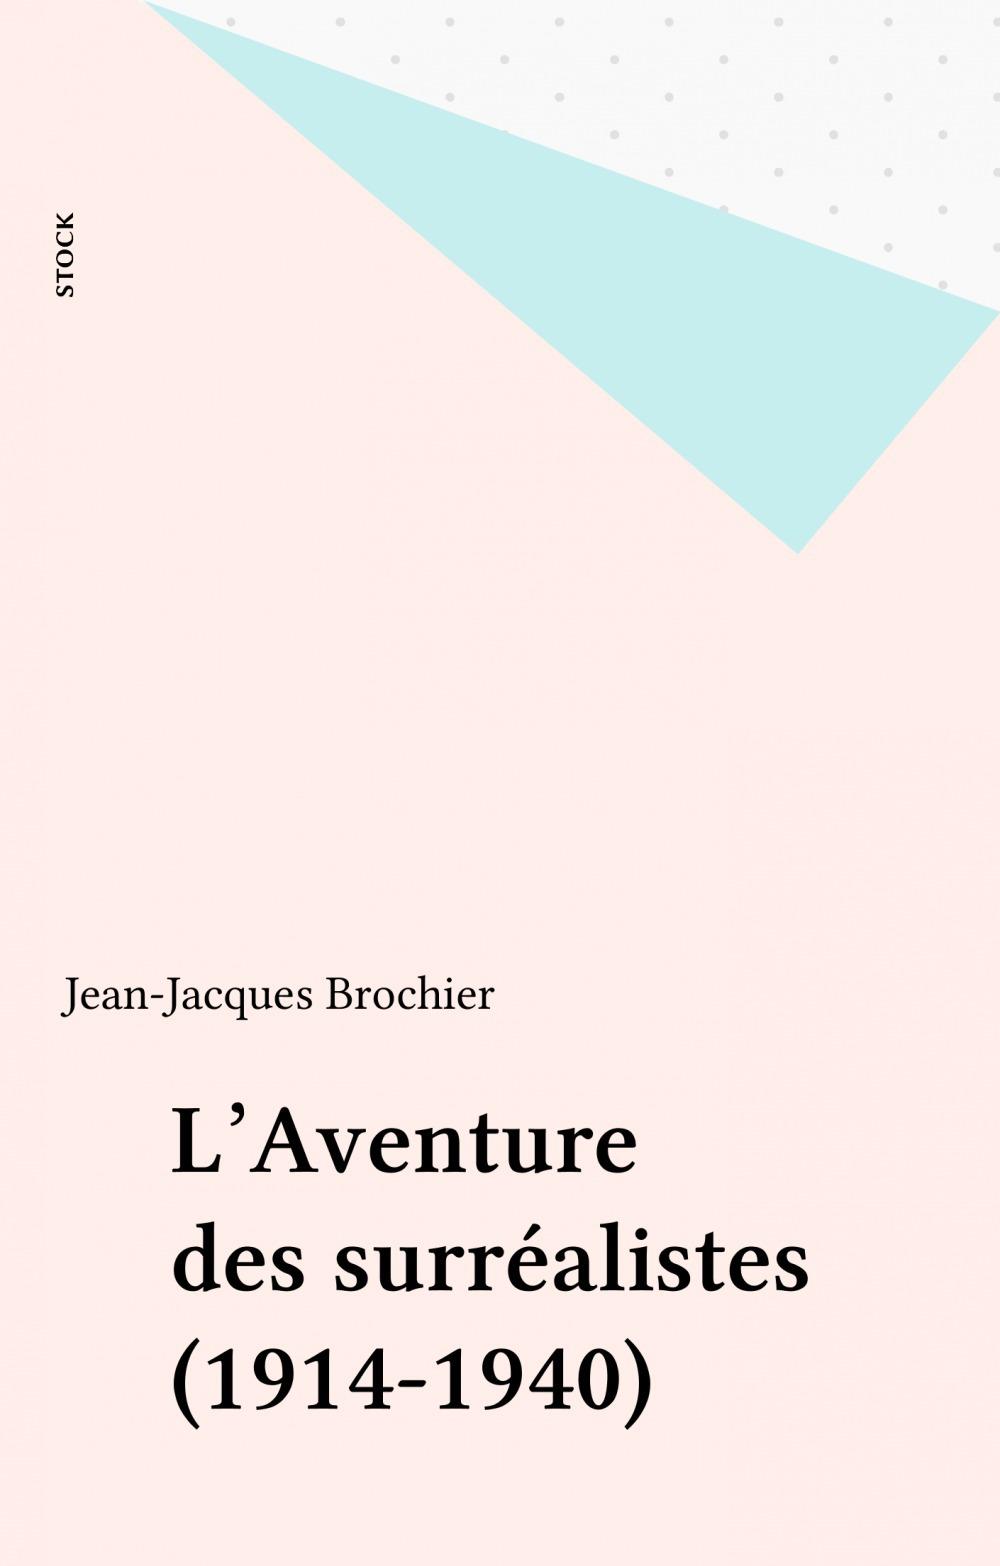 L'Aventure des surréalistes (1914-1940)